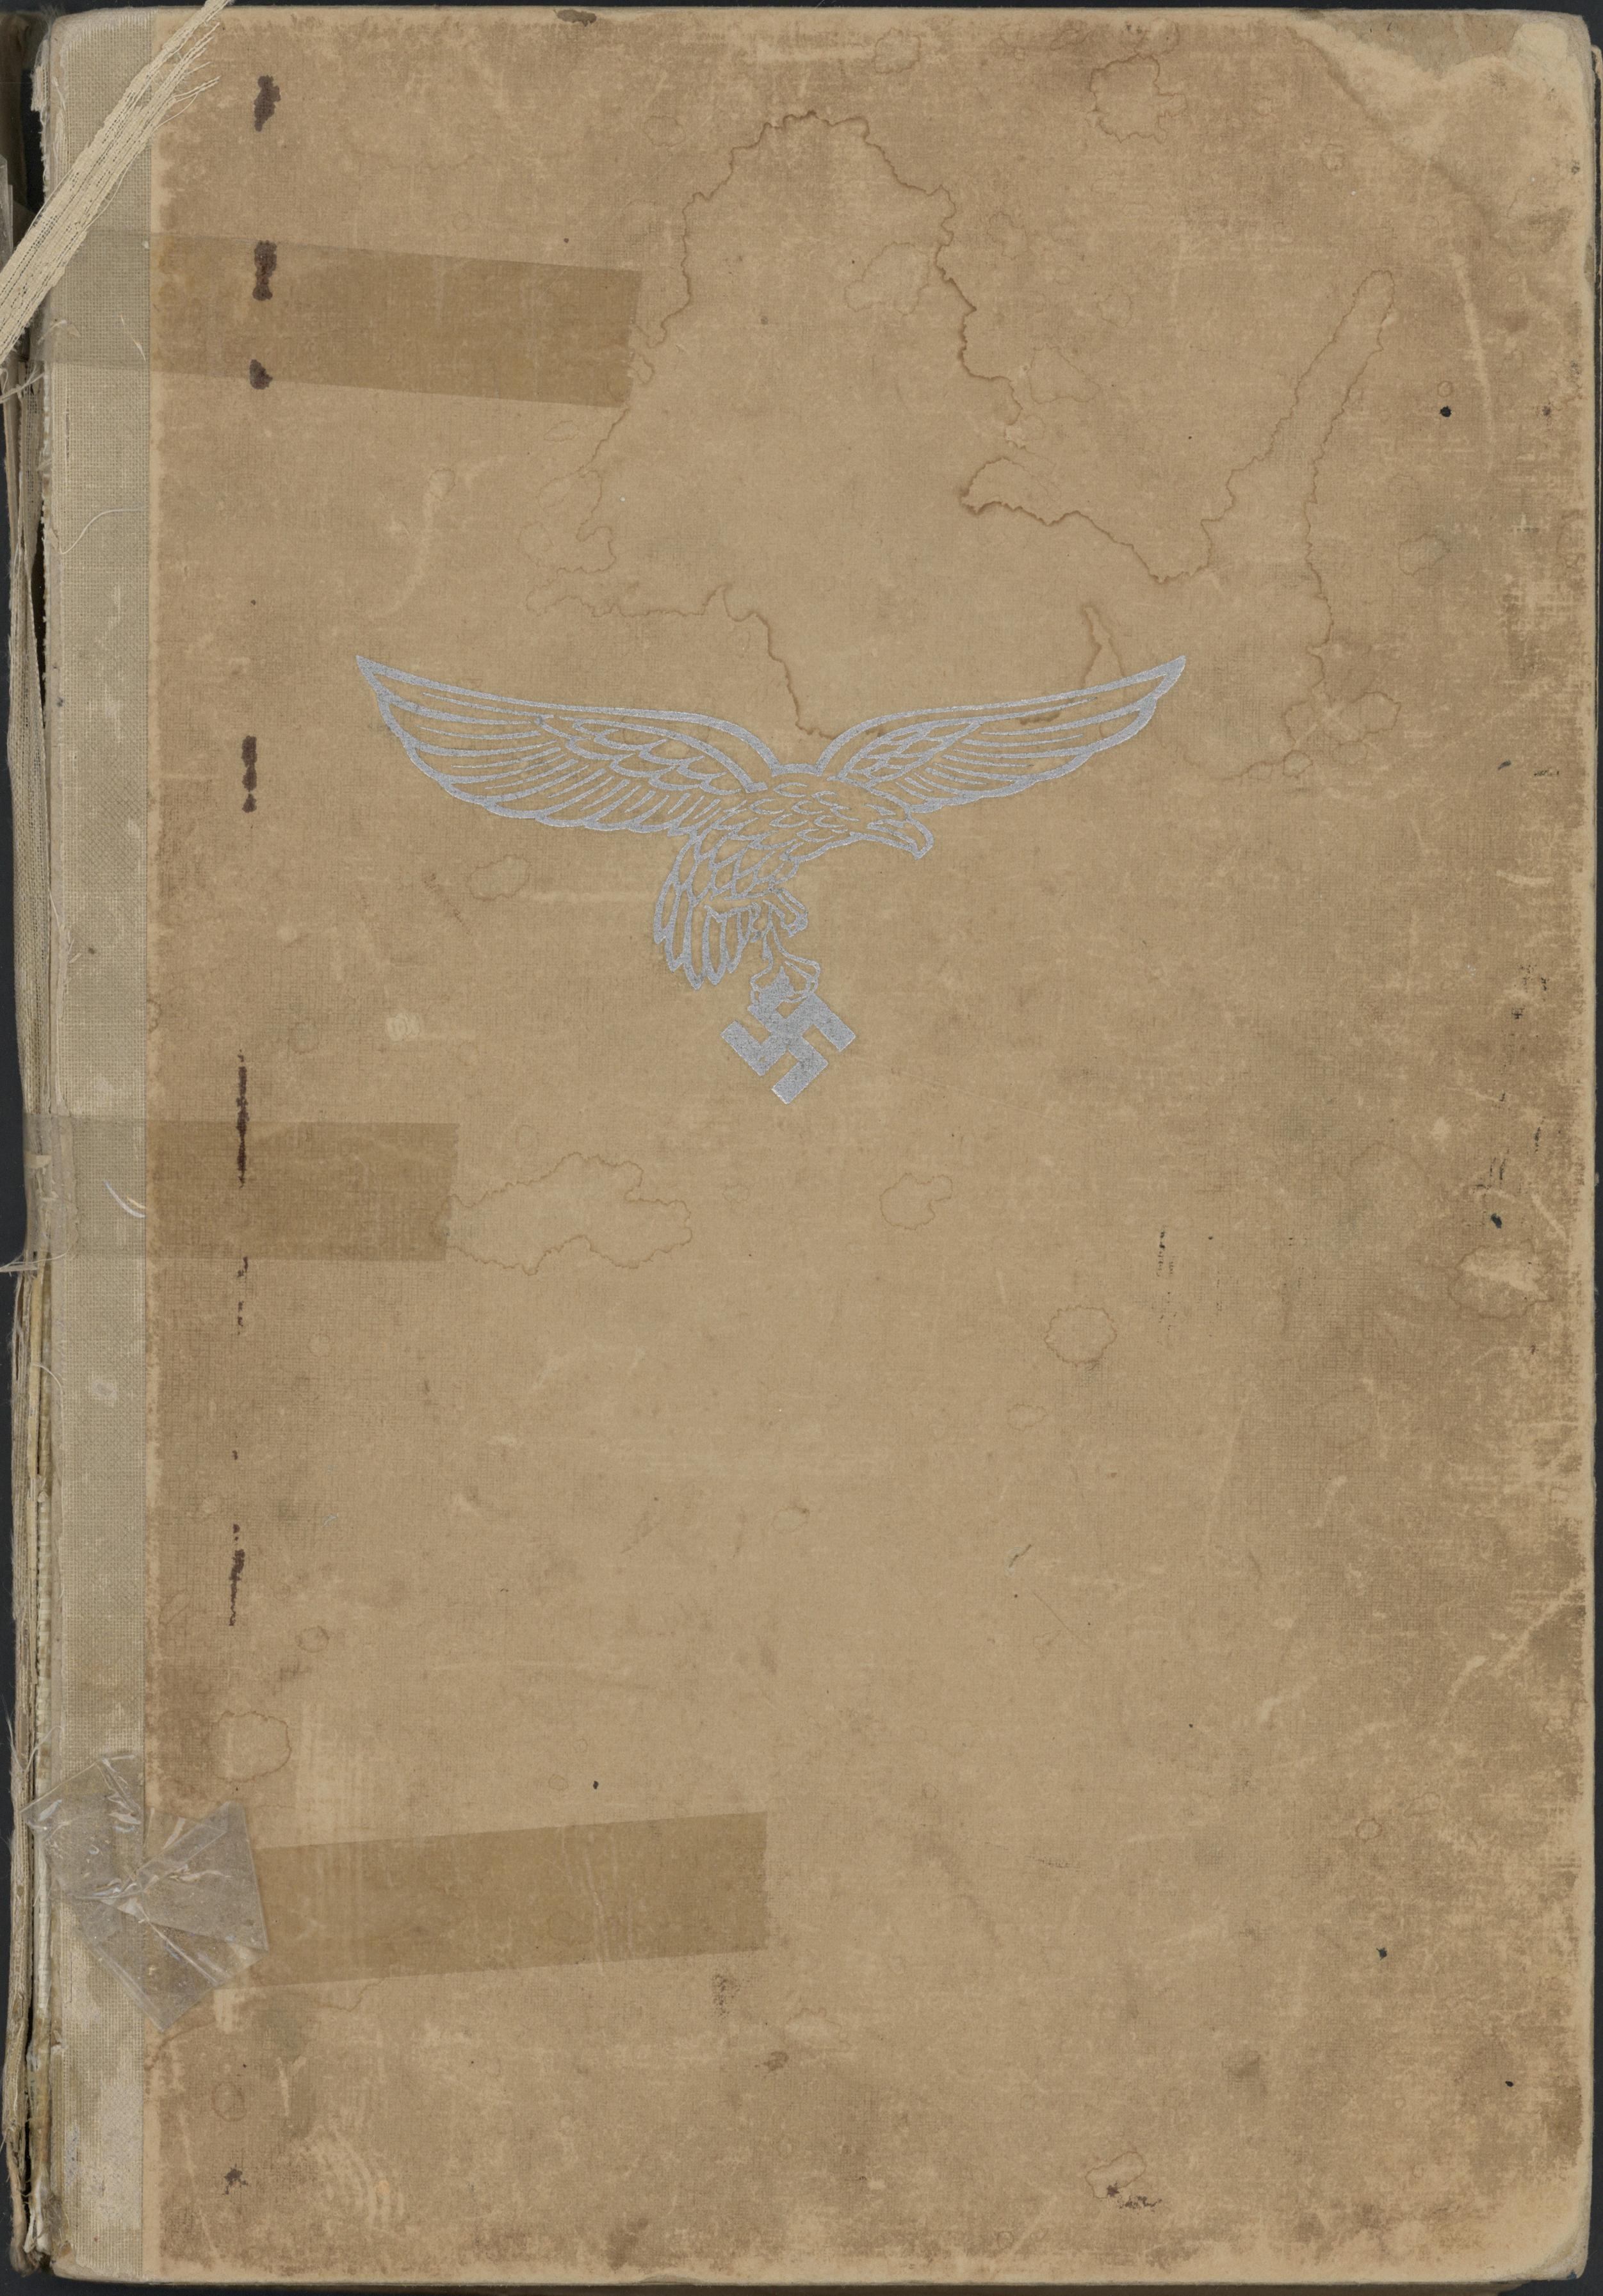 Lot 38729 - Philatelistische Literatur - Deutschland - Deutsches Reich  -  Auktionshaus Christoph Gärtner GmbH & Co. KG Collections Germany,  Collections Supplement, Surprise boxes #39 Day 7